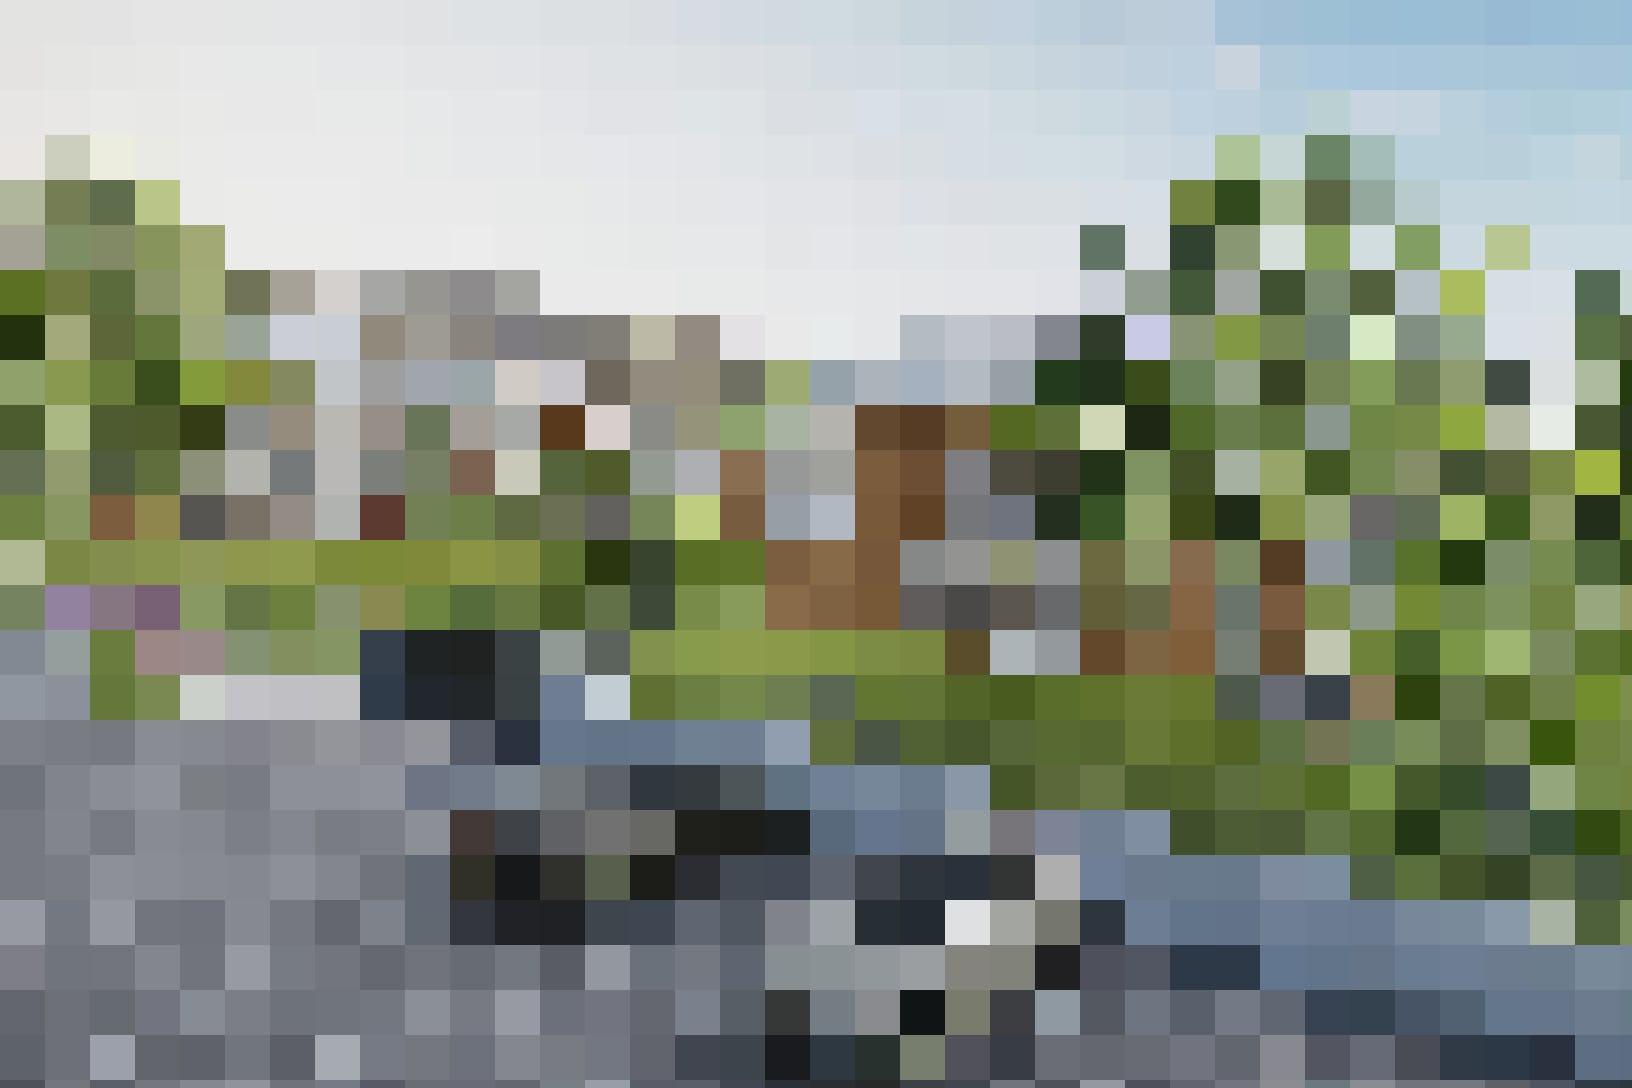 Bei der Einfahrt zur Tiefgarage befinden sich 6 Besucherparkplätze, einer davon mit einer Ladestation für E-Fahrzeuge.